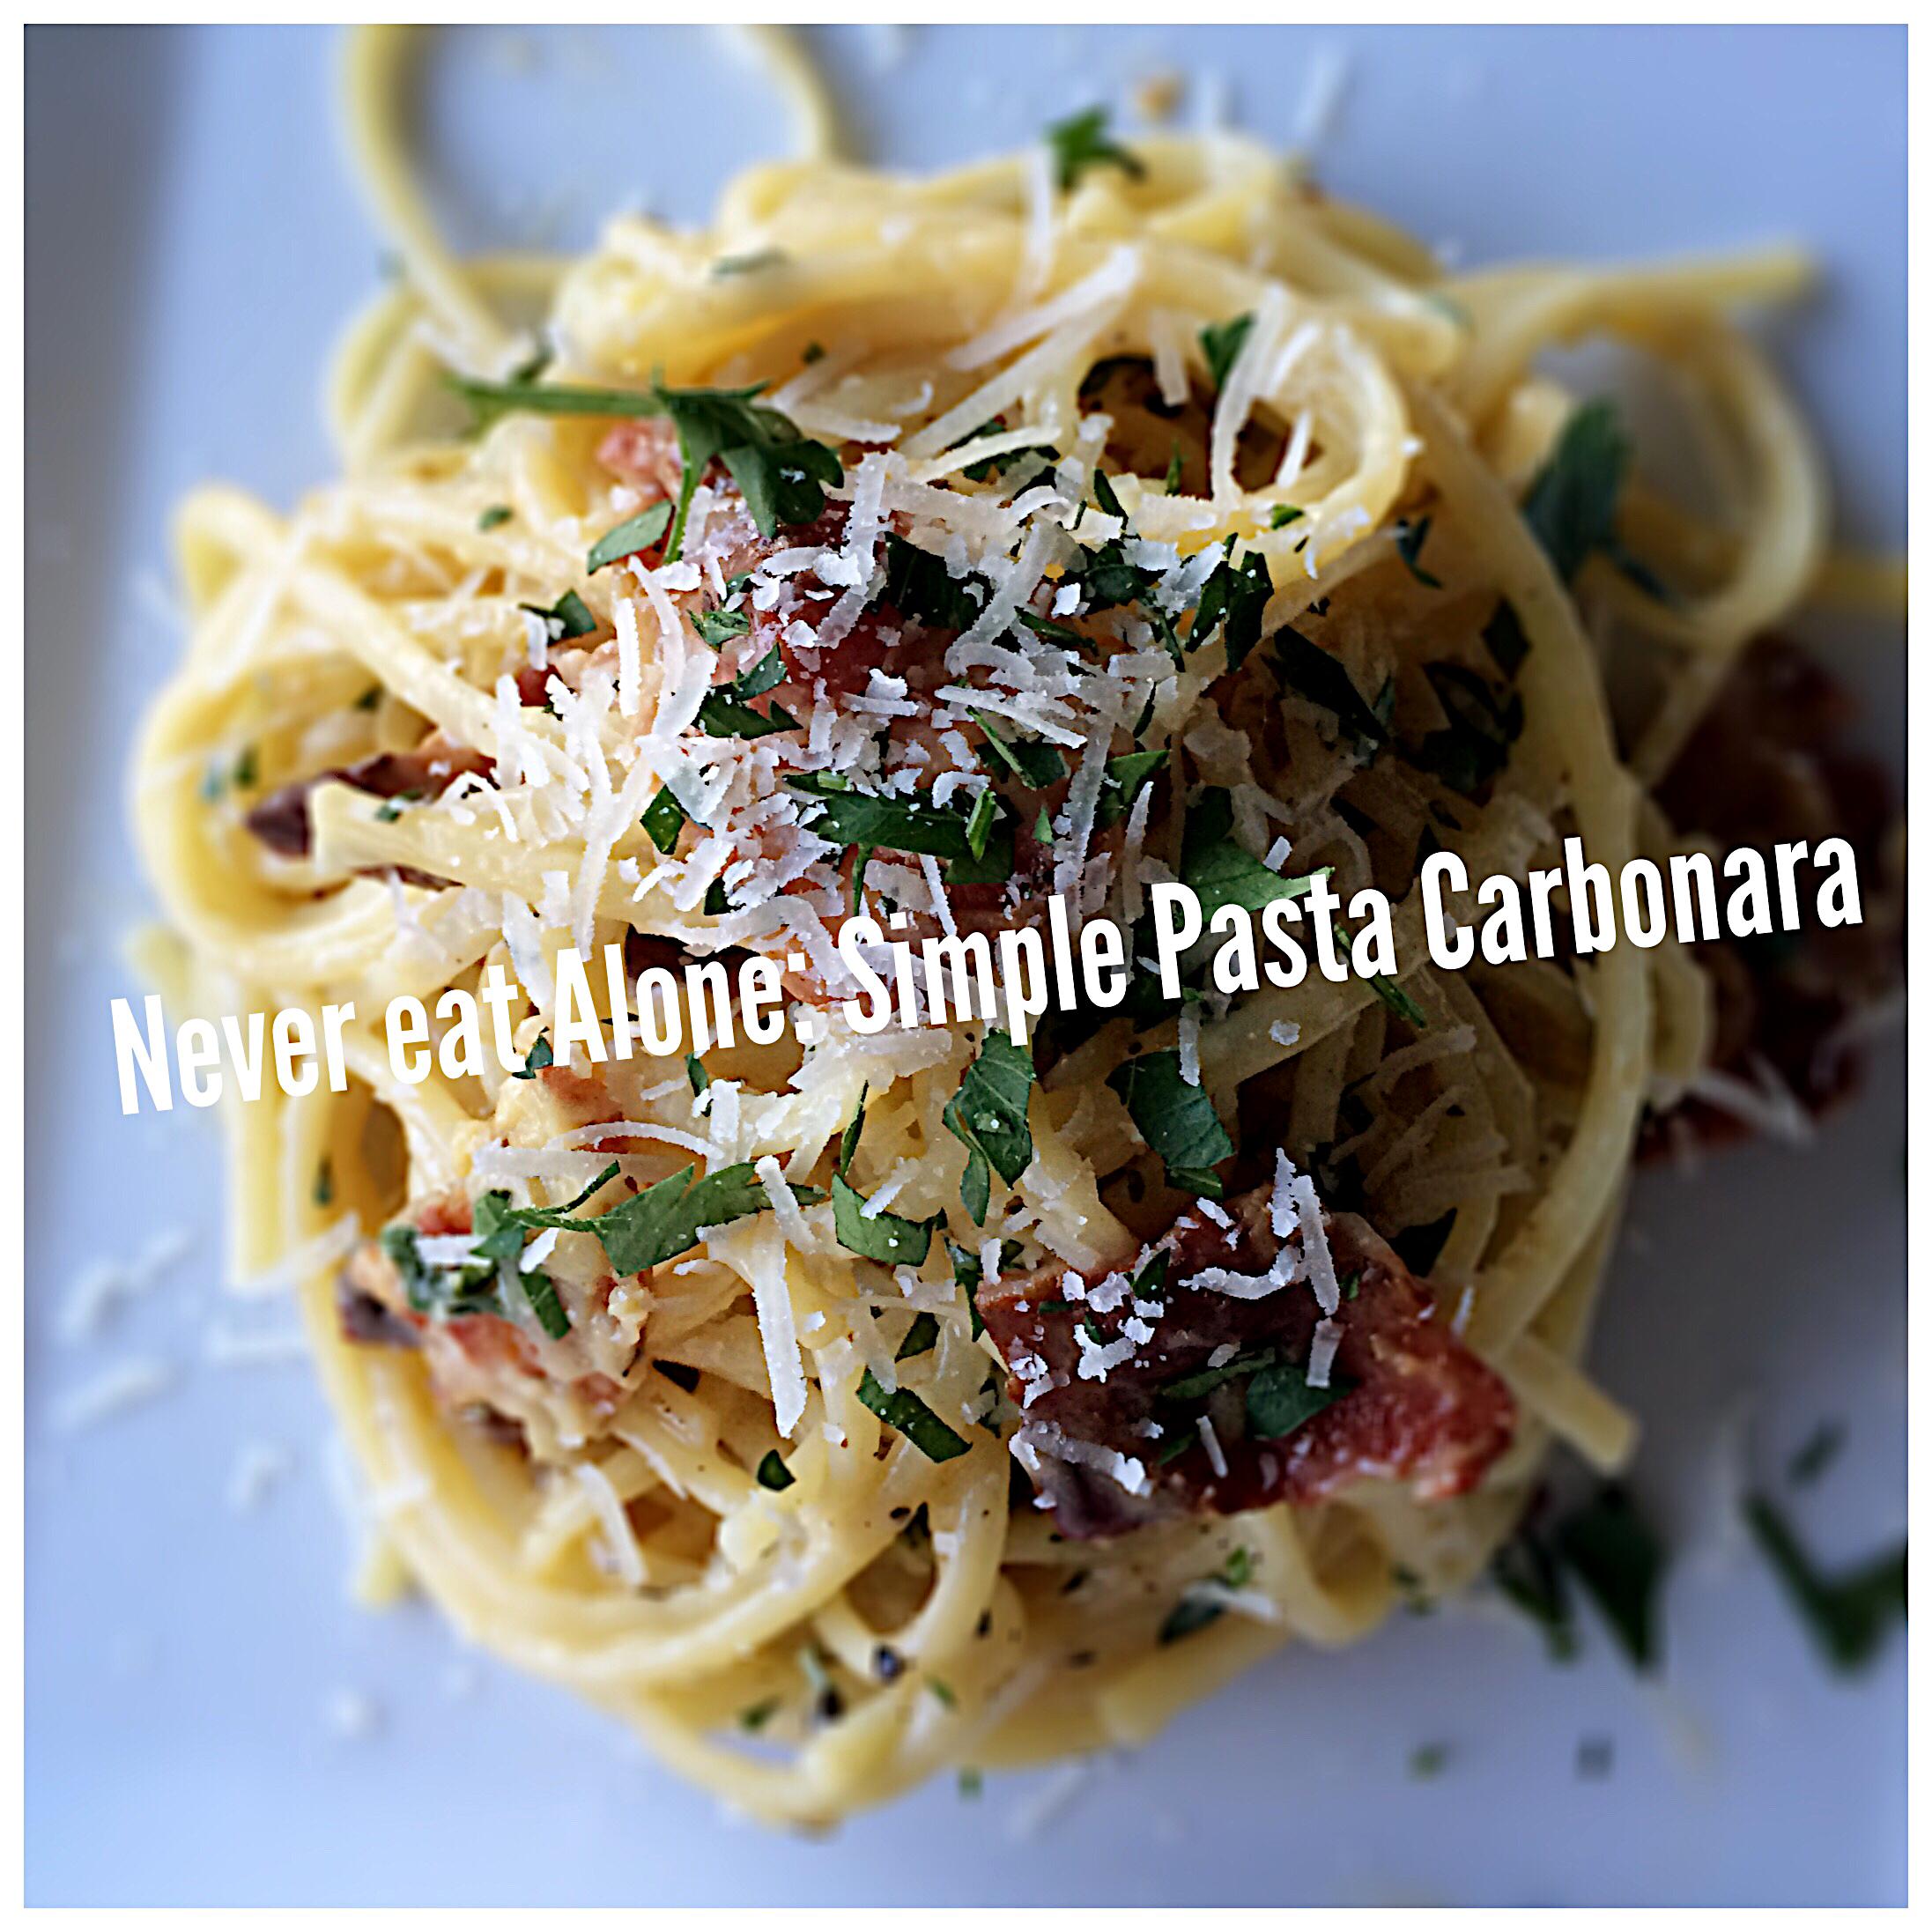 Simple Pasta Carbonara